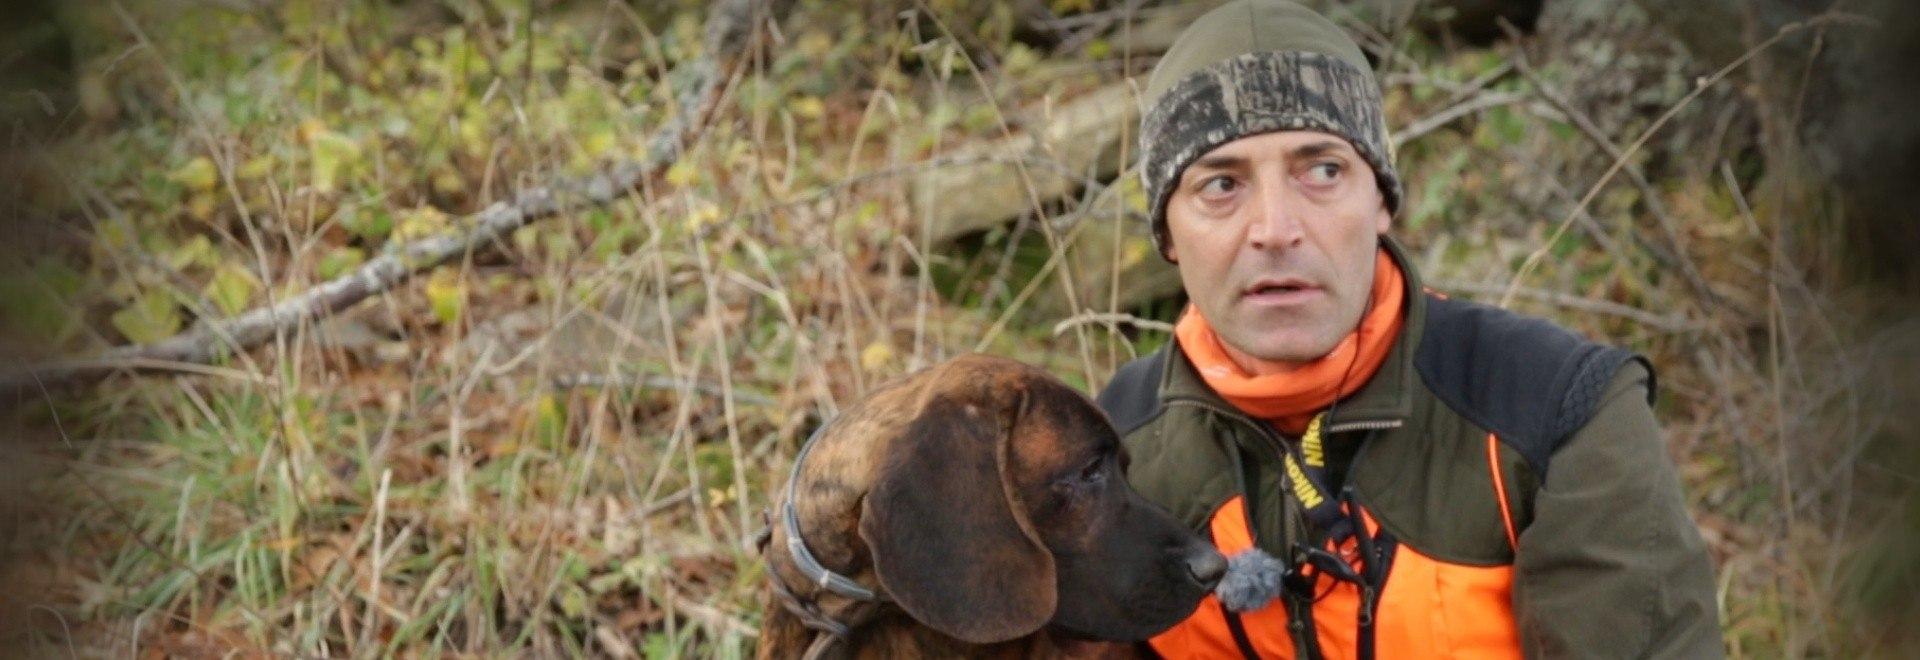 Storie di caccia, cani e compagnie